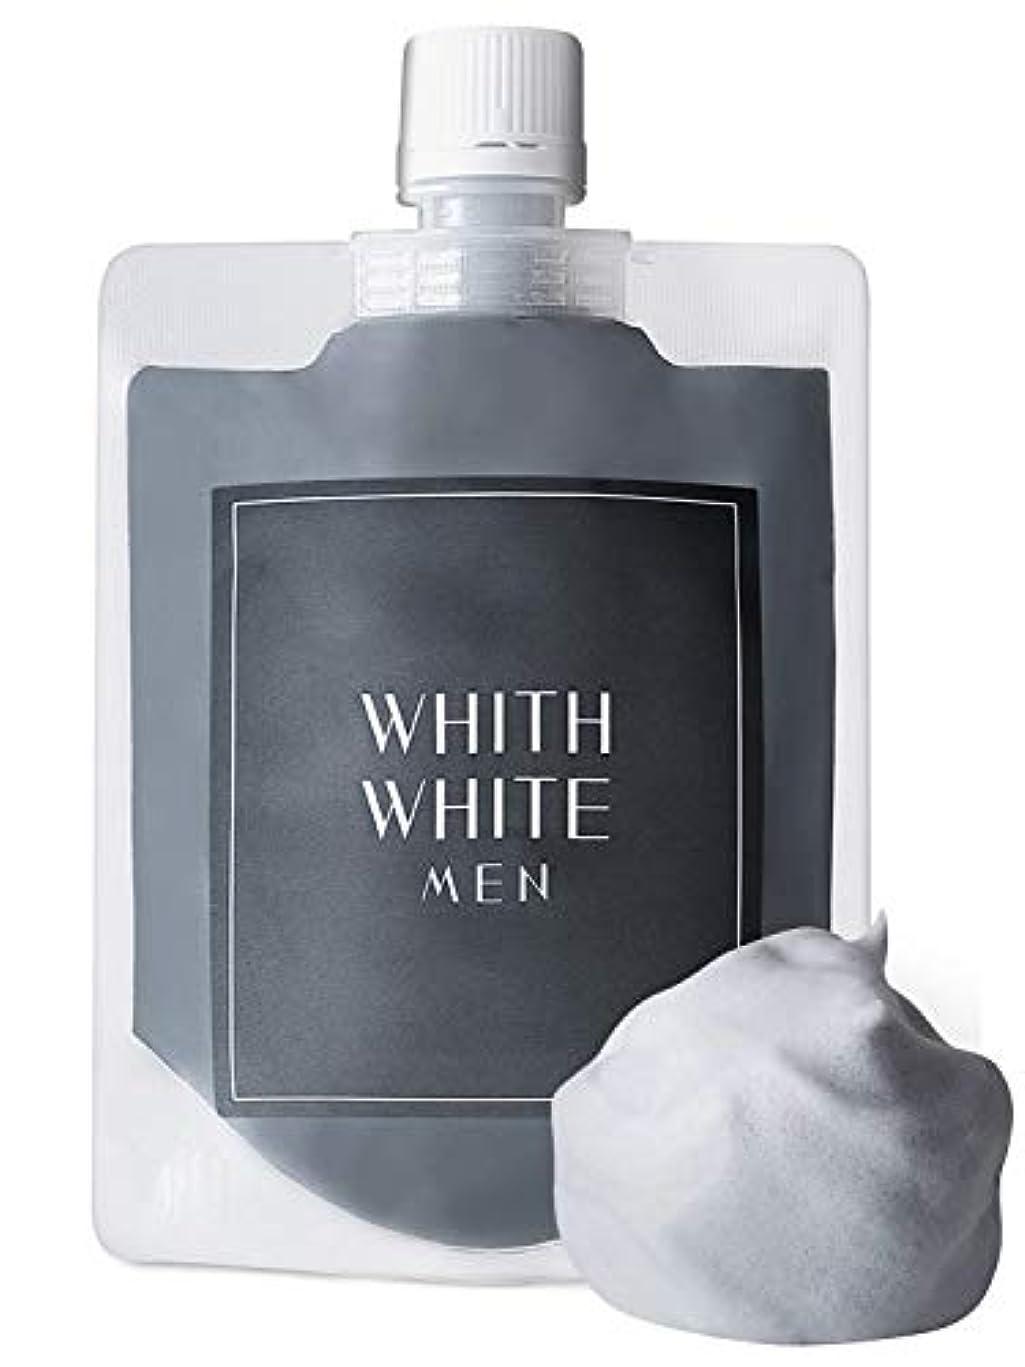 エンティティバー行方不明フィス ホワイト メンズ 泥 洗顔 ネット 付き 8つの 無添加 洗顔フォーム (炭 泡 クレイ で 顔 汚れ を 落とす) (日本製 洗顔料 130g リッチ セット)(どろ で 毛穴 を ごっそり 除去)